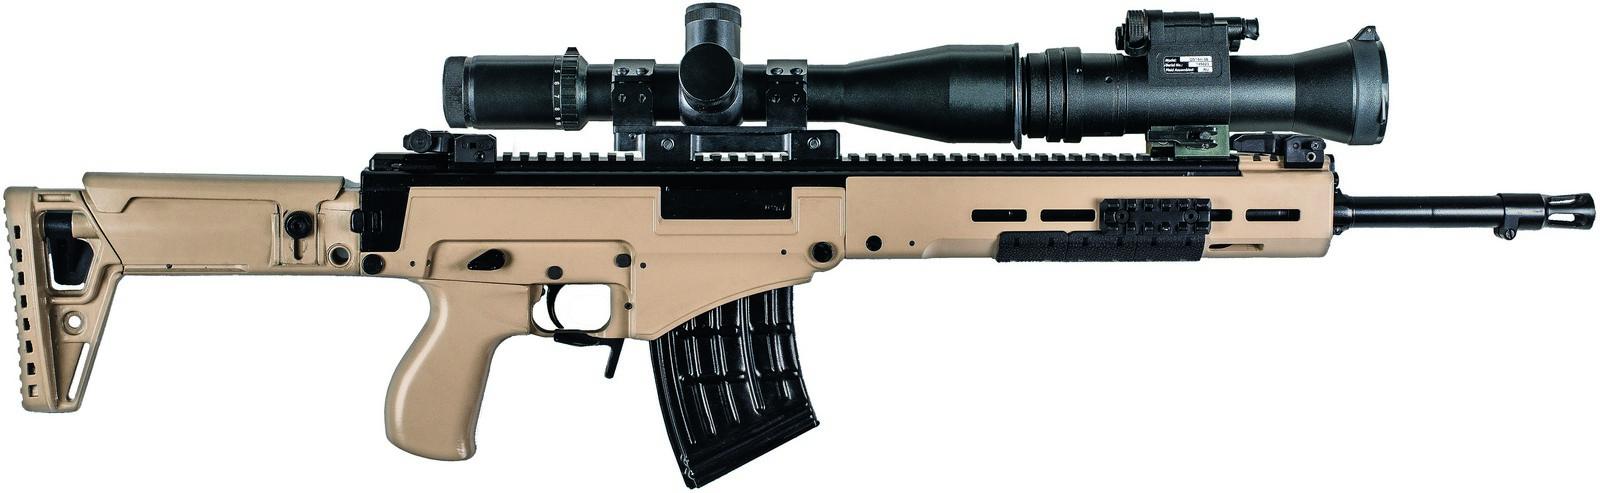 SVK-sniper-7-62x54R.jpg?resize=930x870%3